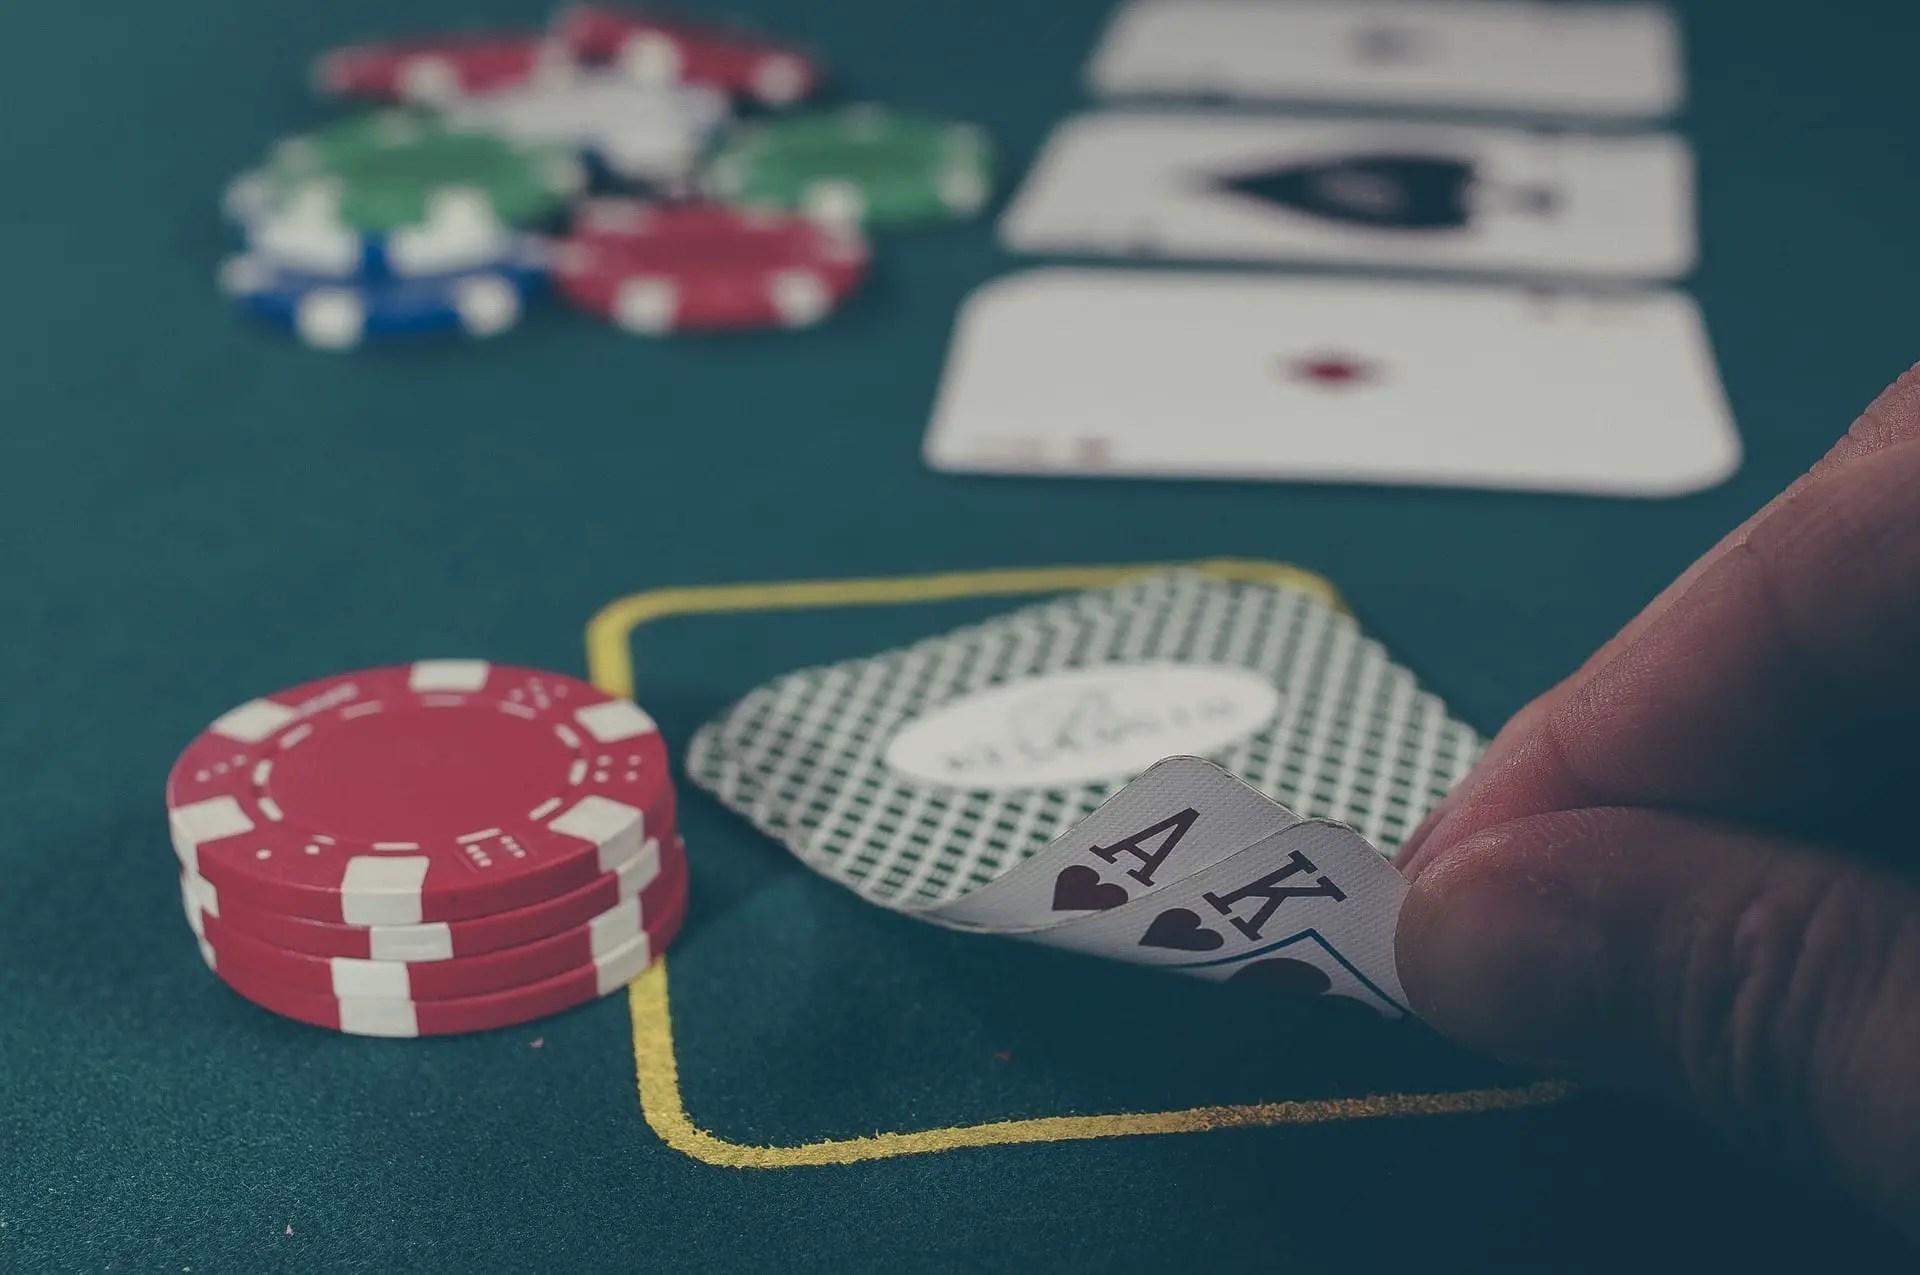 Succombez à la pokermania avec les jeux de poker en ligne